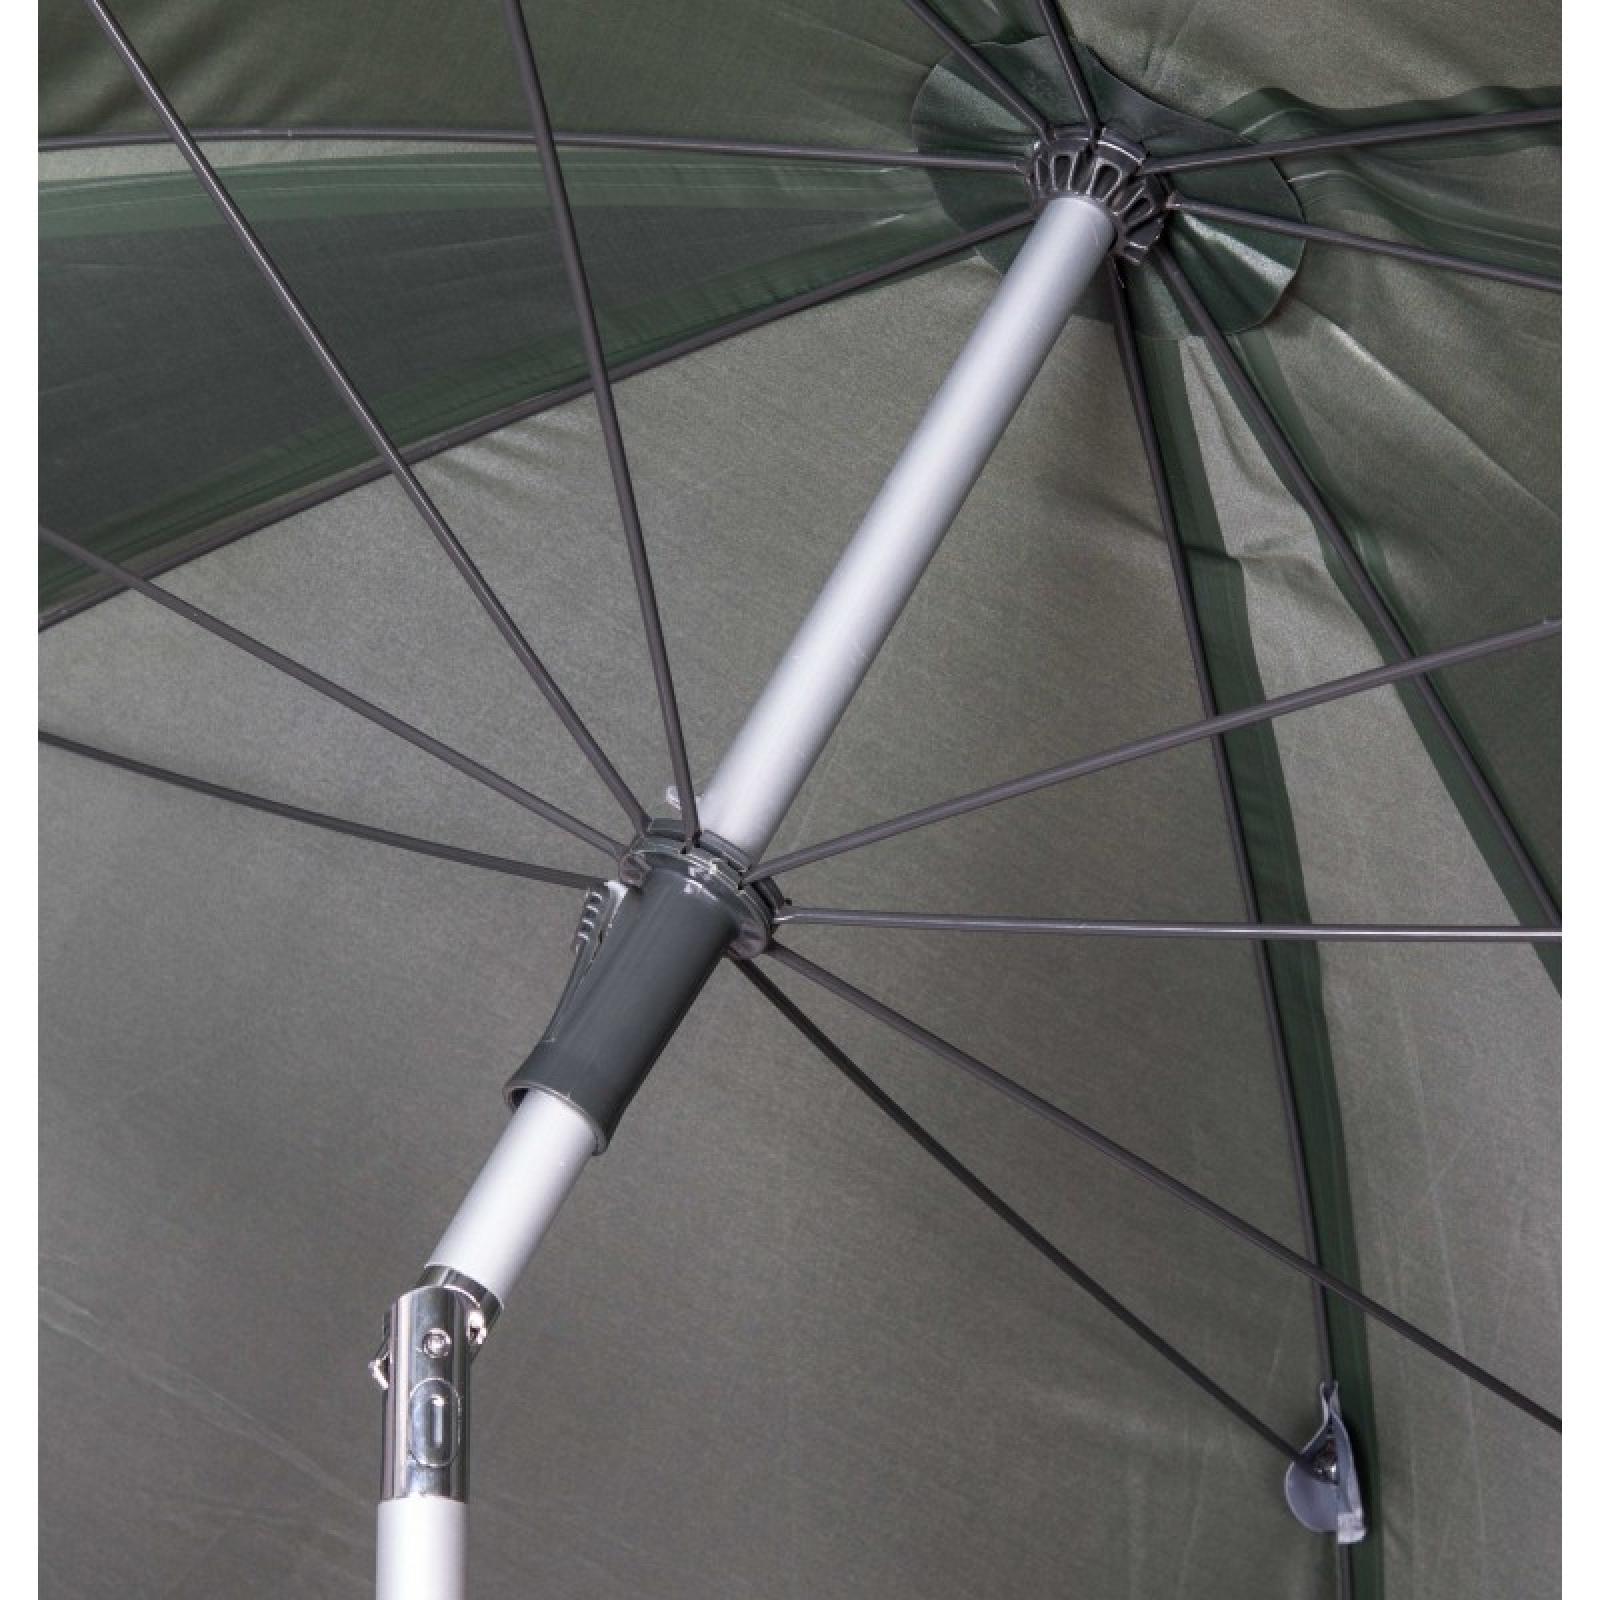 Quadratischer Angelschirm Bogenmaß 2,50m Durchmesser 2m grün Schirm Angelschirm